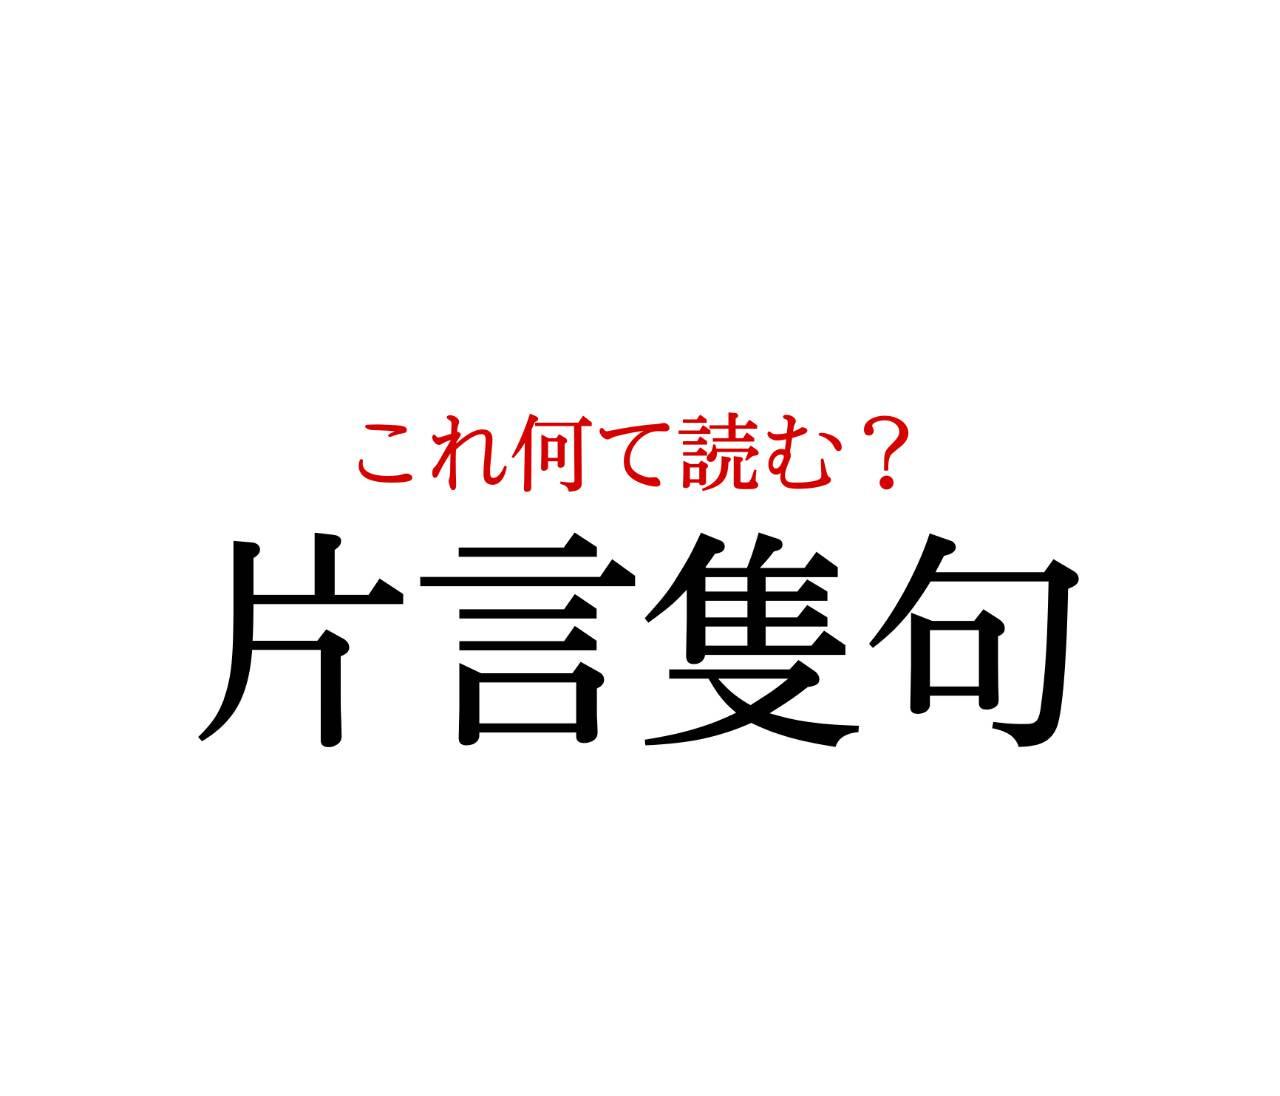 「片言隻句」:この漢字、自信を持って読めますか?【働く大人の漢字クイズvol.111】